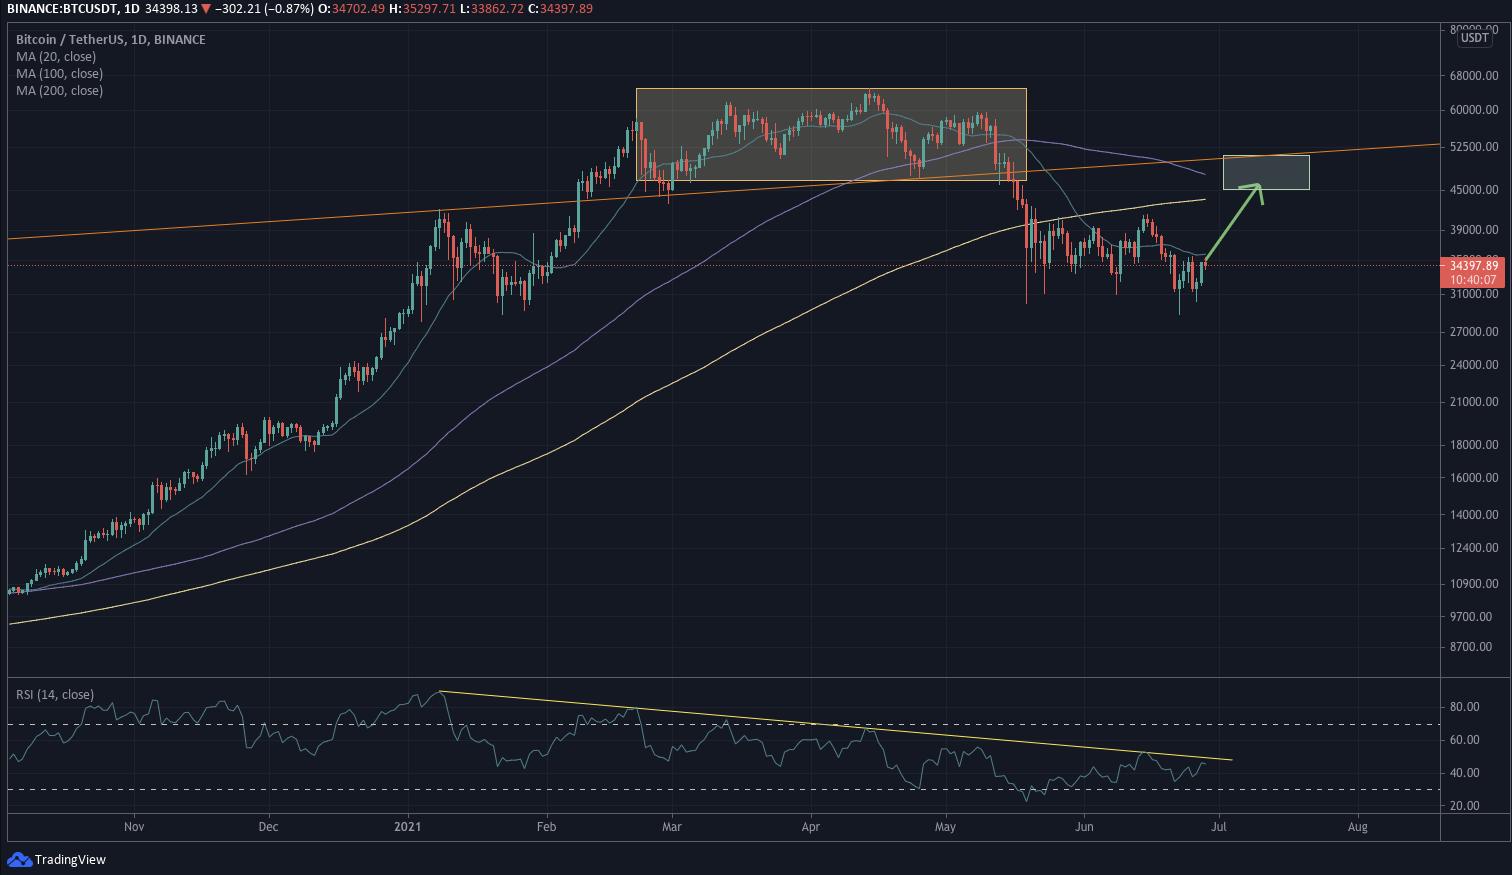 La marché du Bitcoin se relève doucement